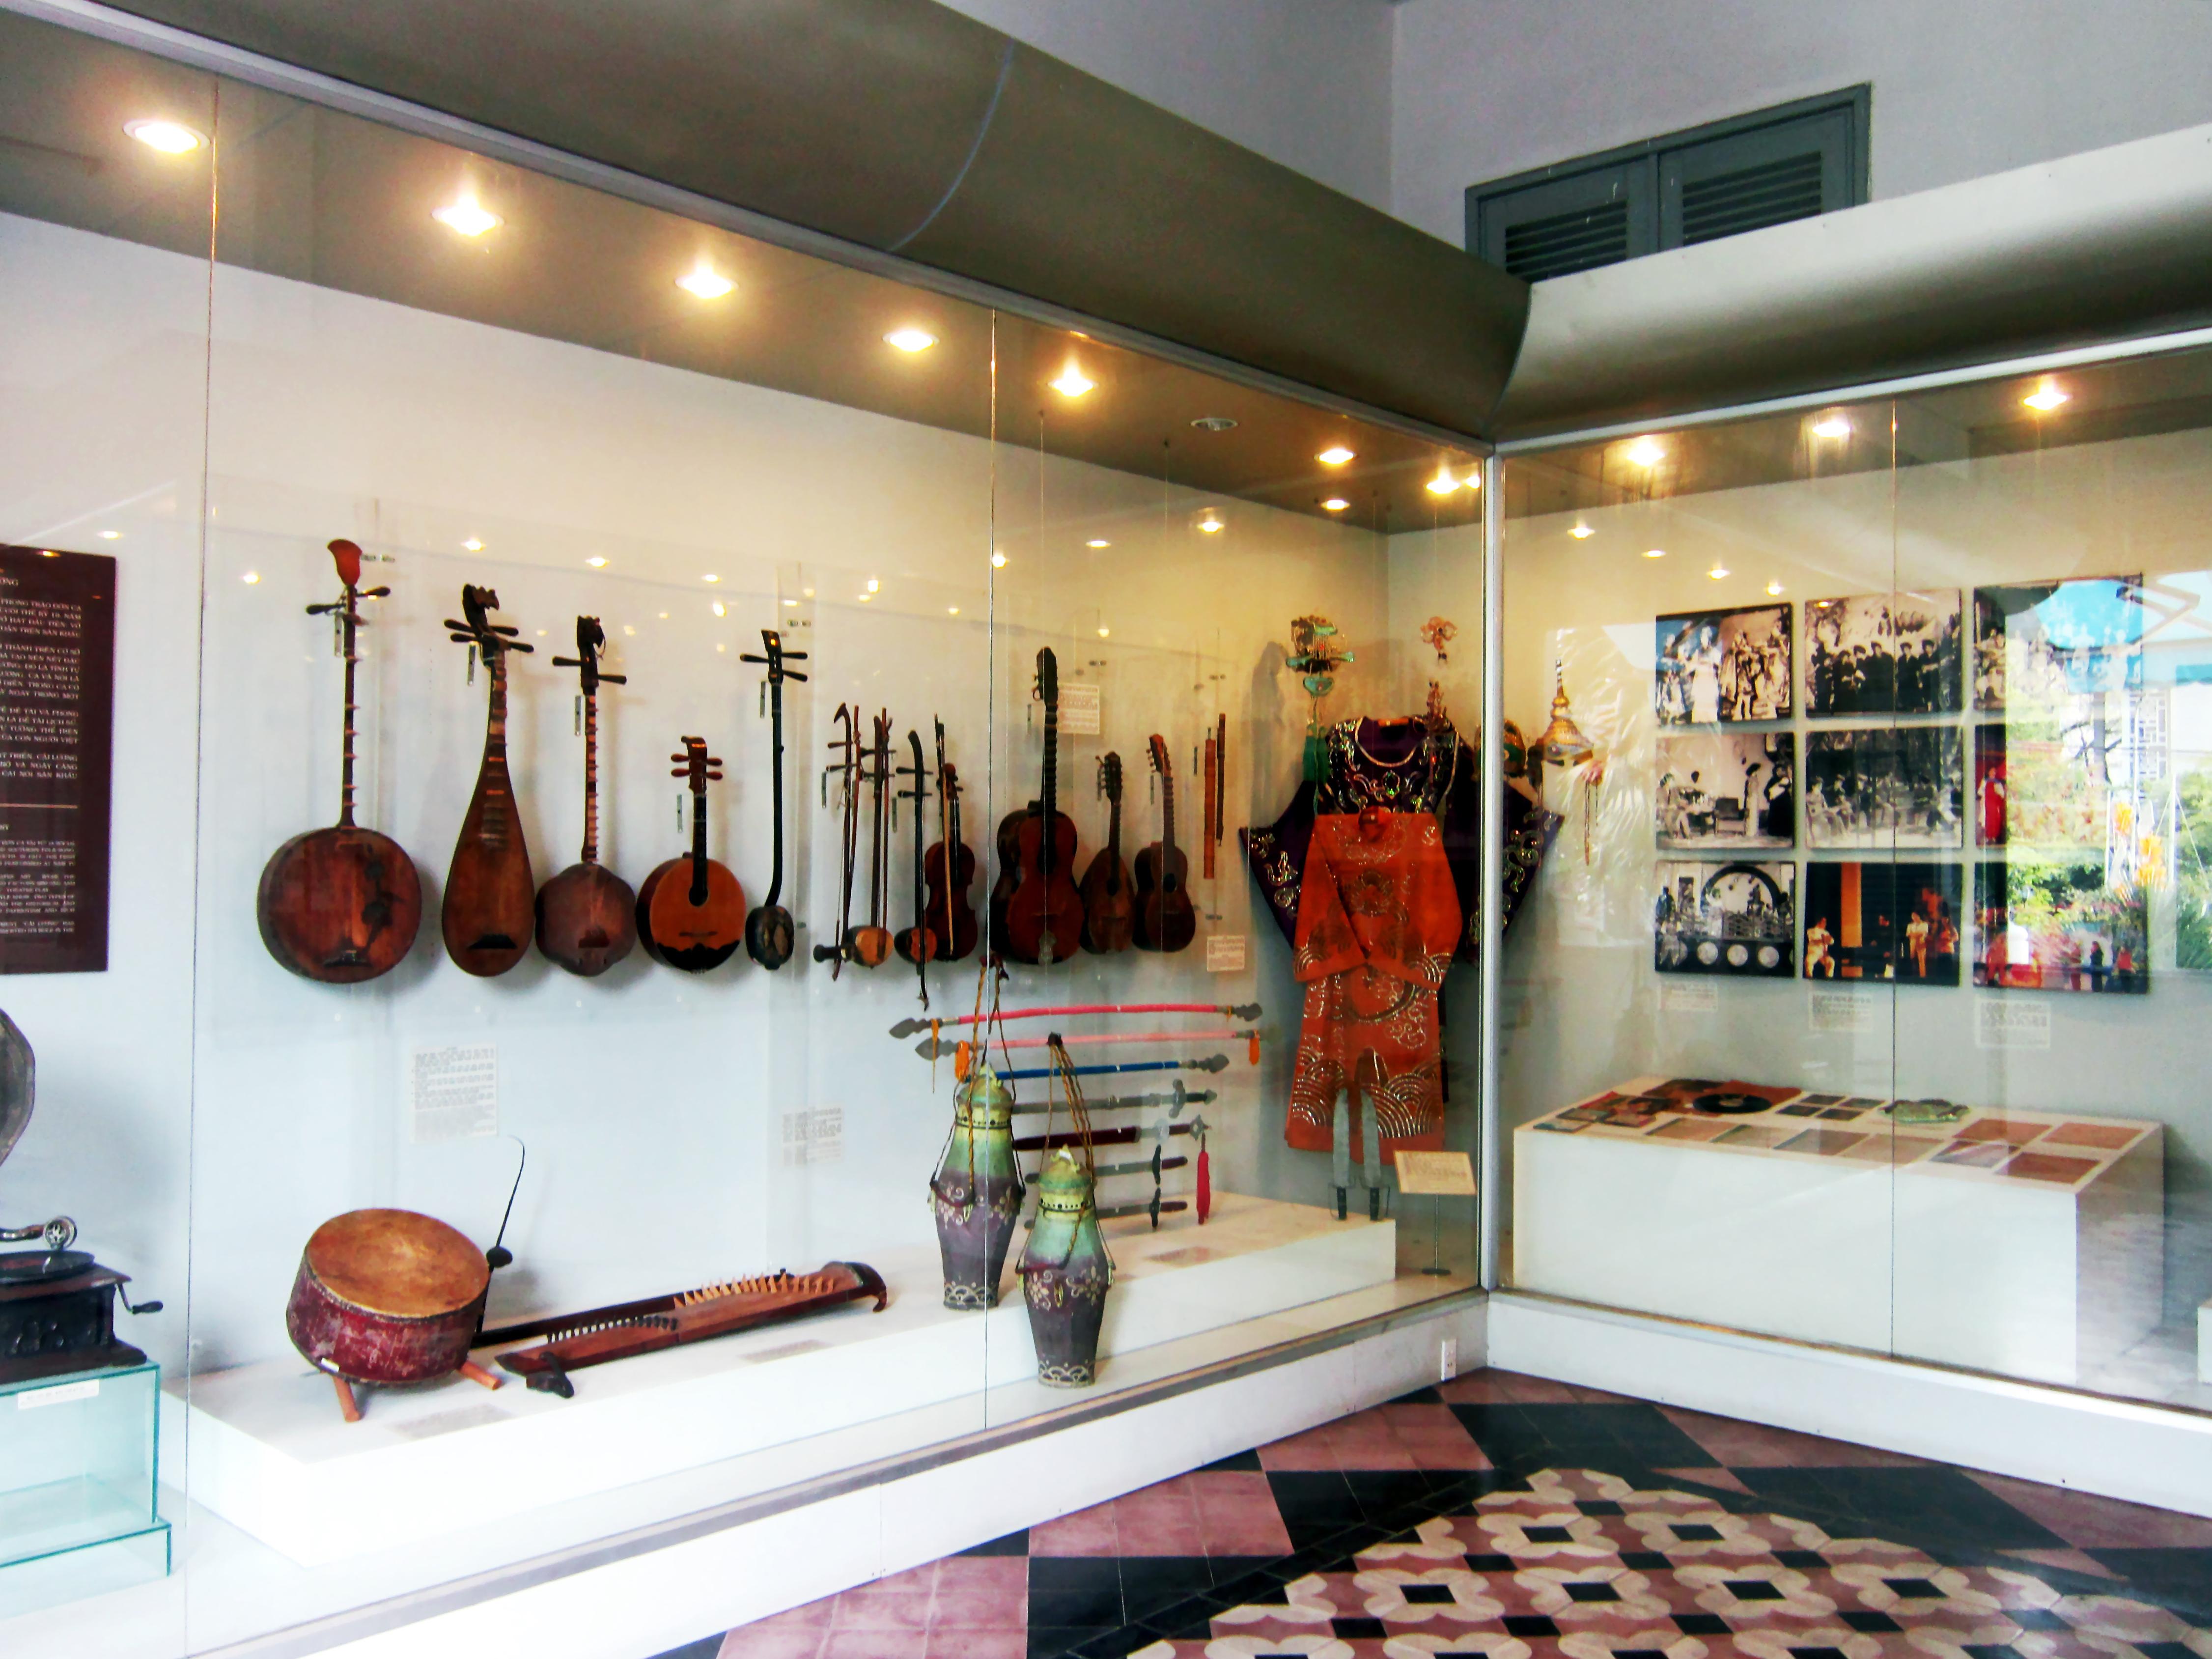 Phòng trưng bày nghệ thuật cải lương ở Bảo tàng Thành phố Hồ Chí Minh